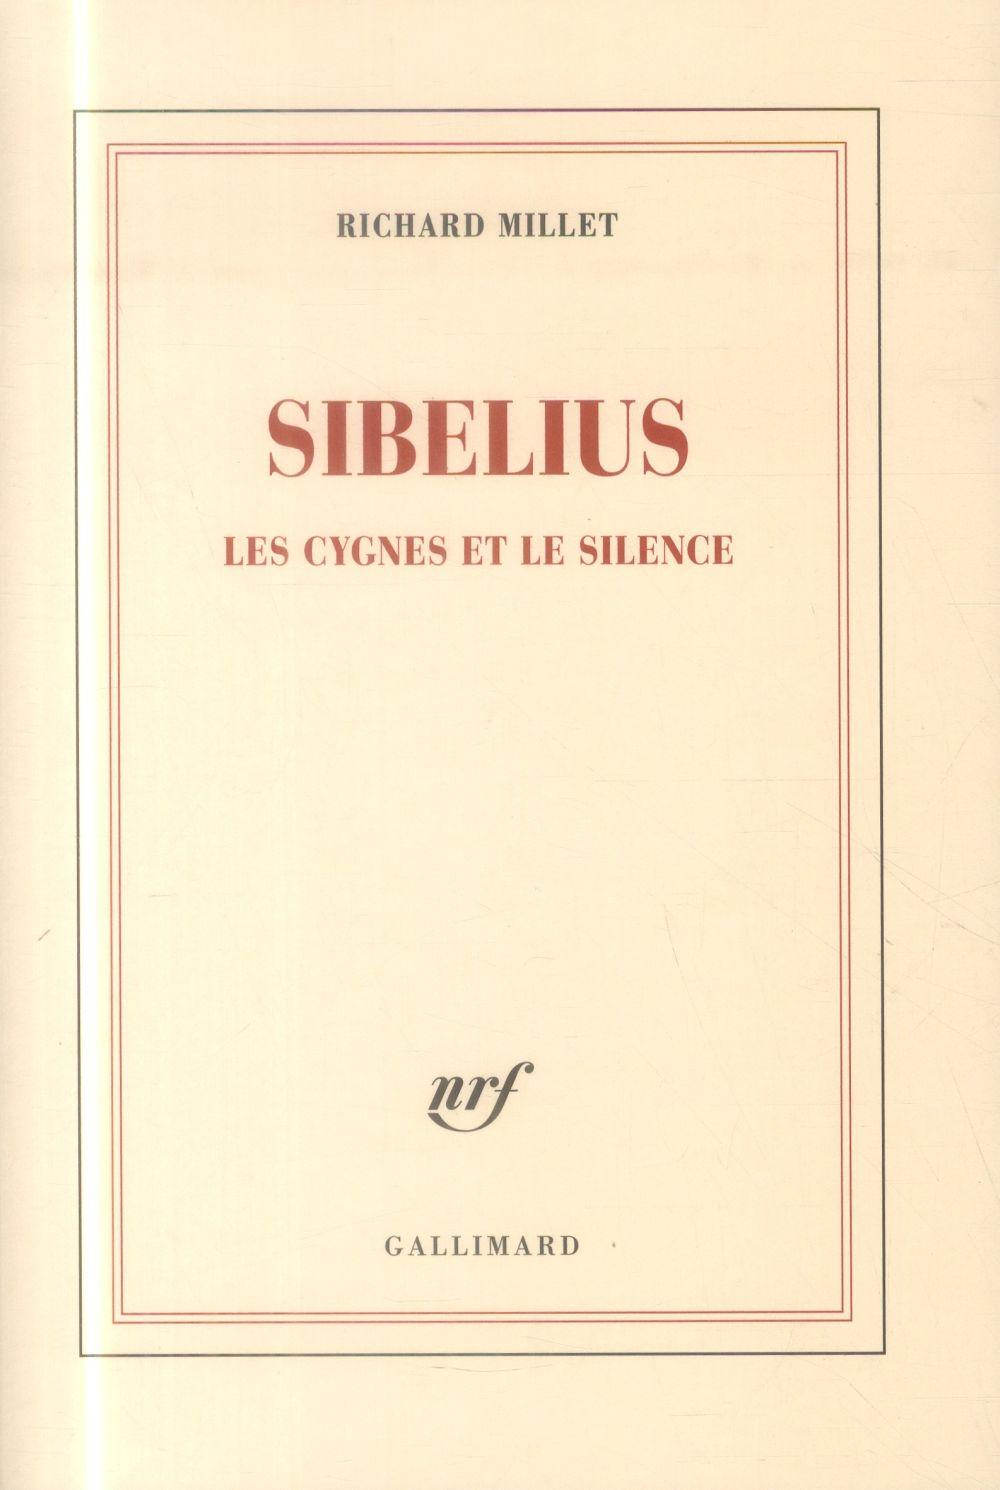 SIBELIUS, LES CYGNES ET LE SILENCE